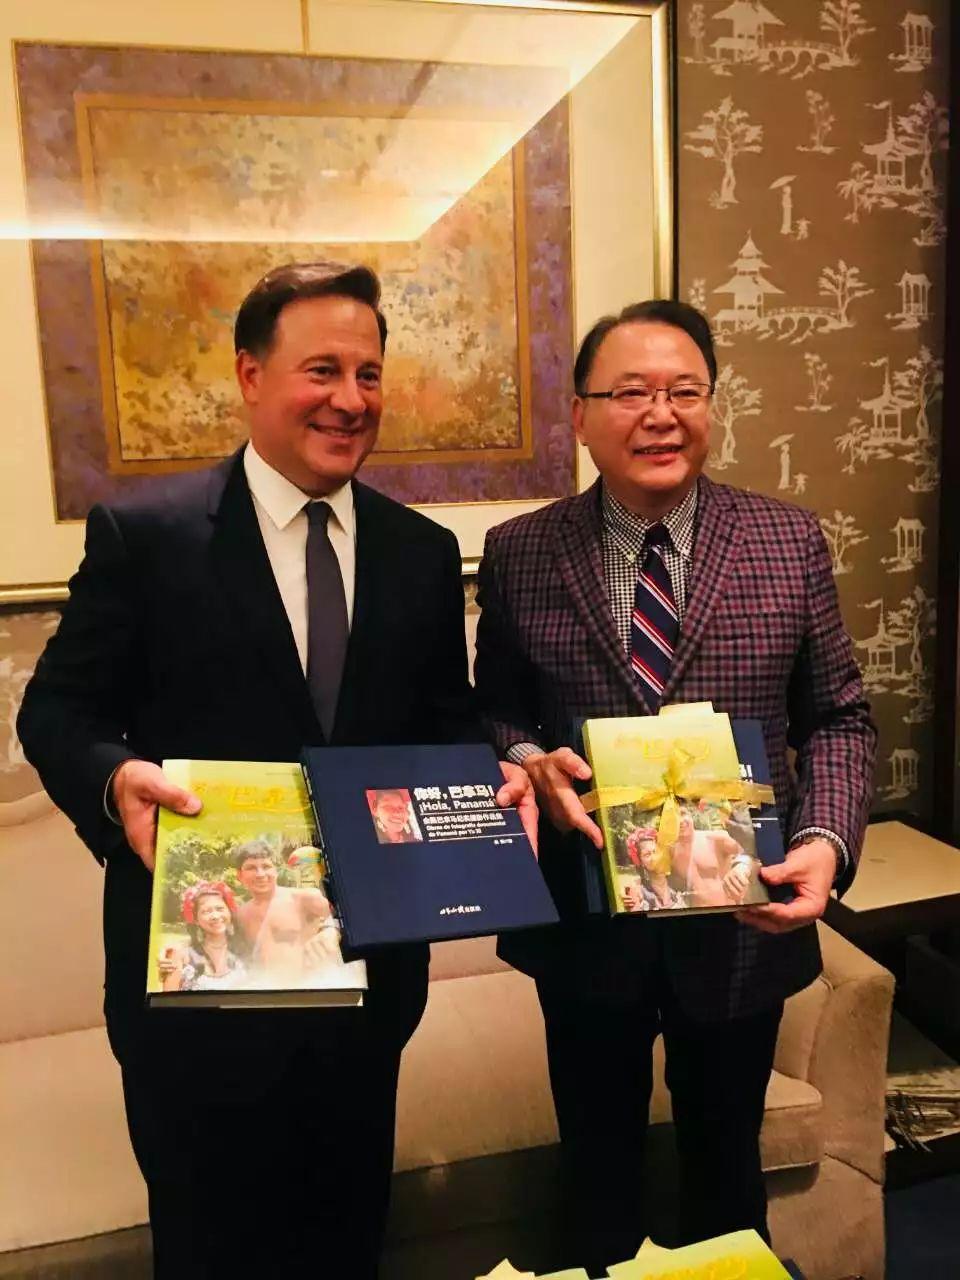 就因这本书,巴拿马总统对这位武汉人深情感谢!